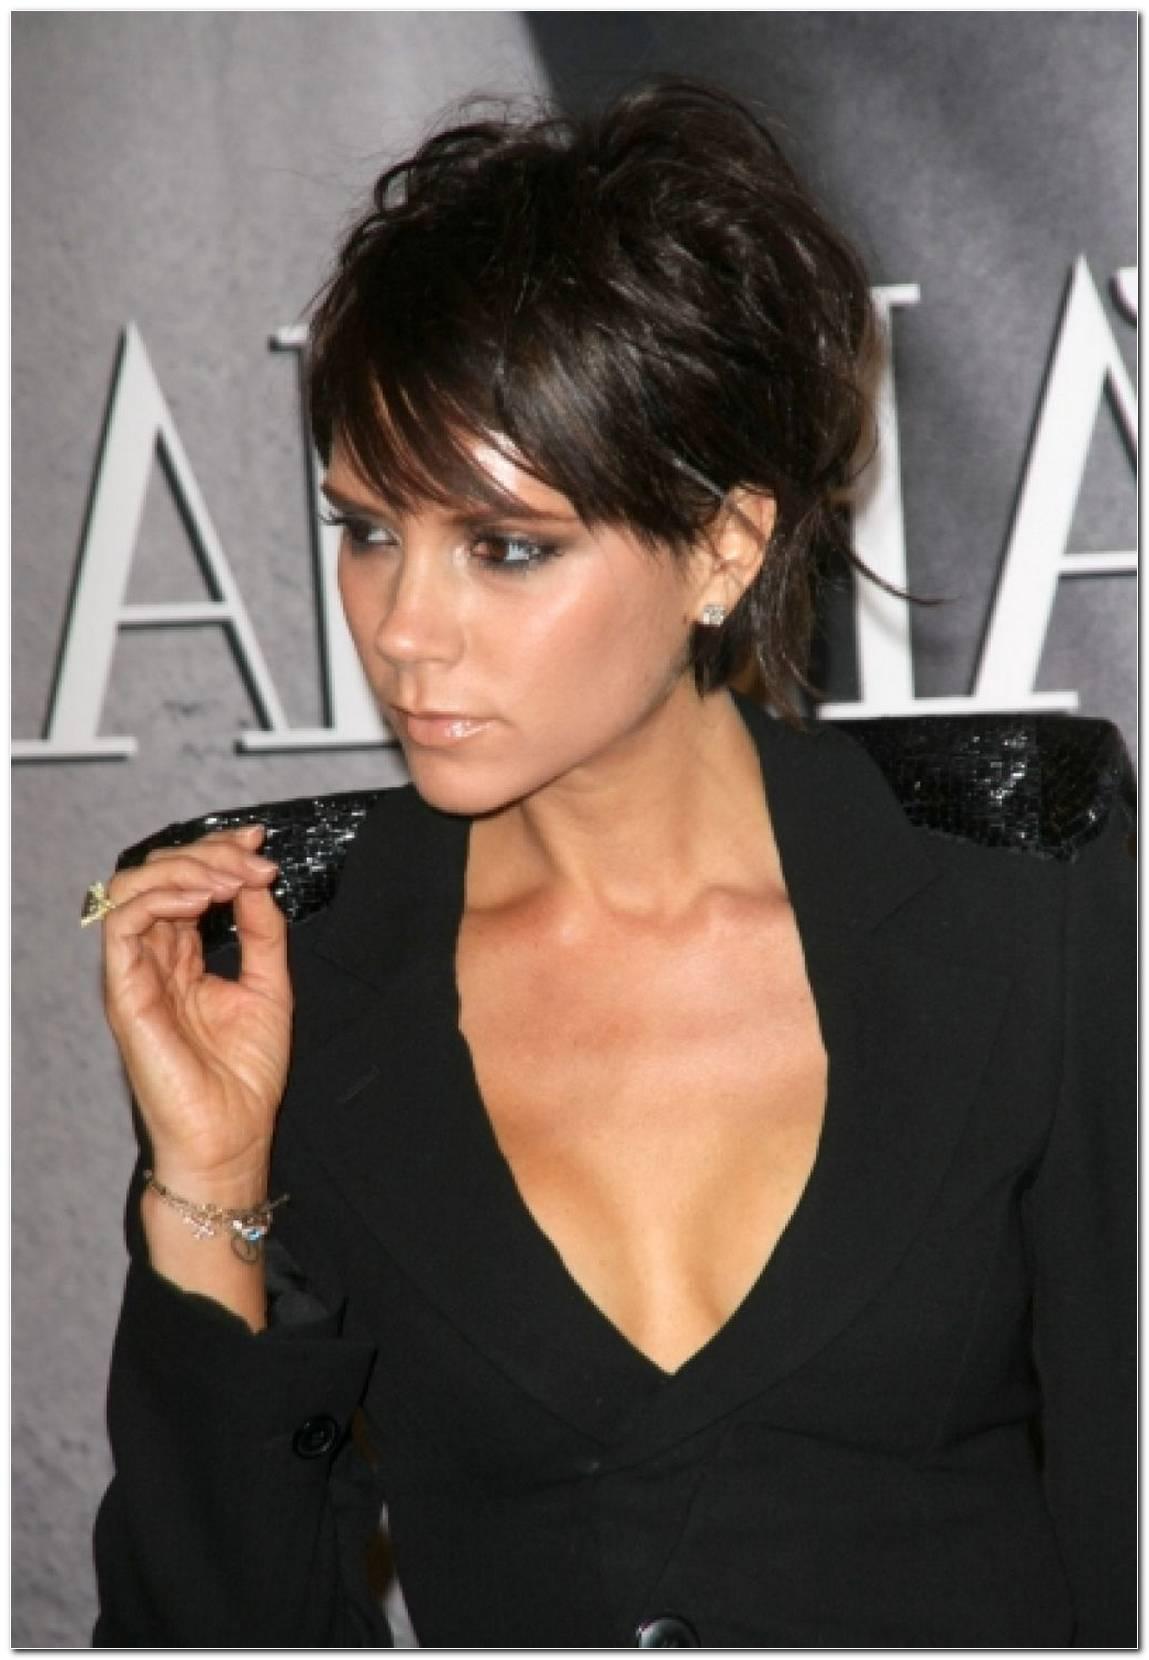 Victoria Beckham Frisur 2014